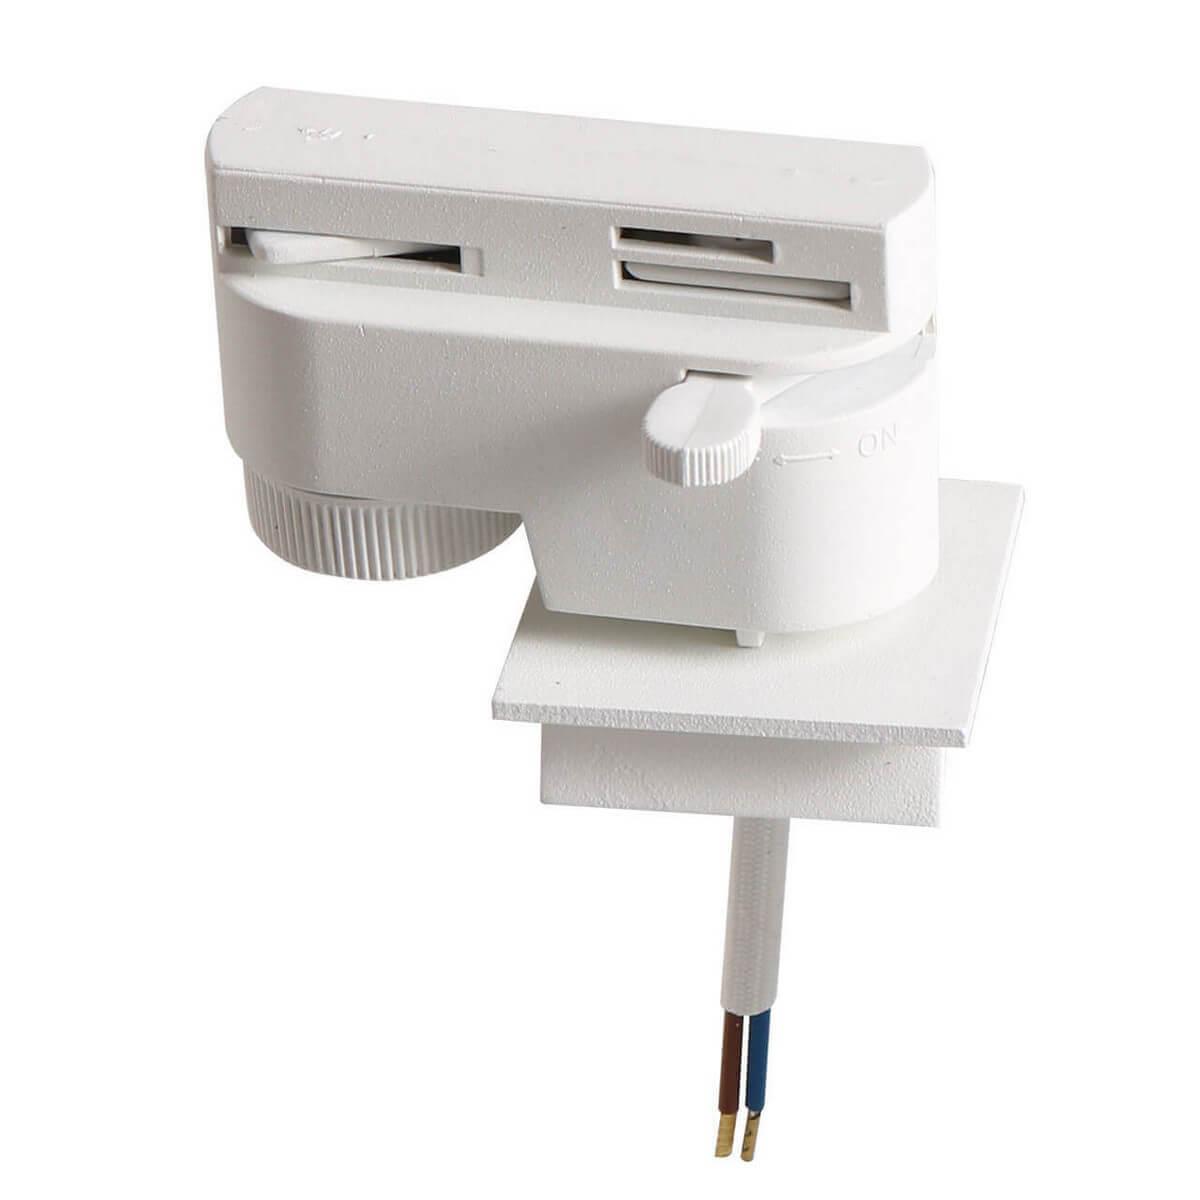 Адаптер для шинопровода Lightstar 592026 Asta White (для однофазного шинопровода)